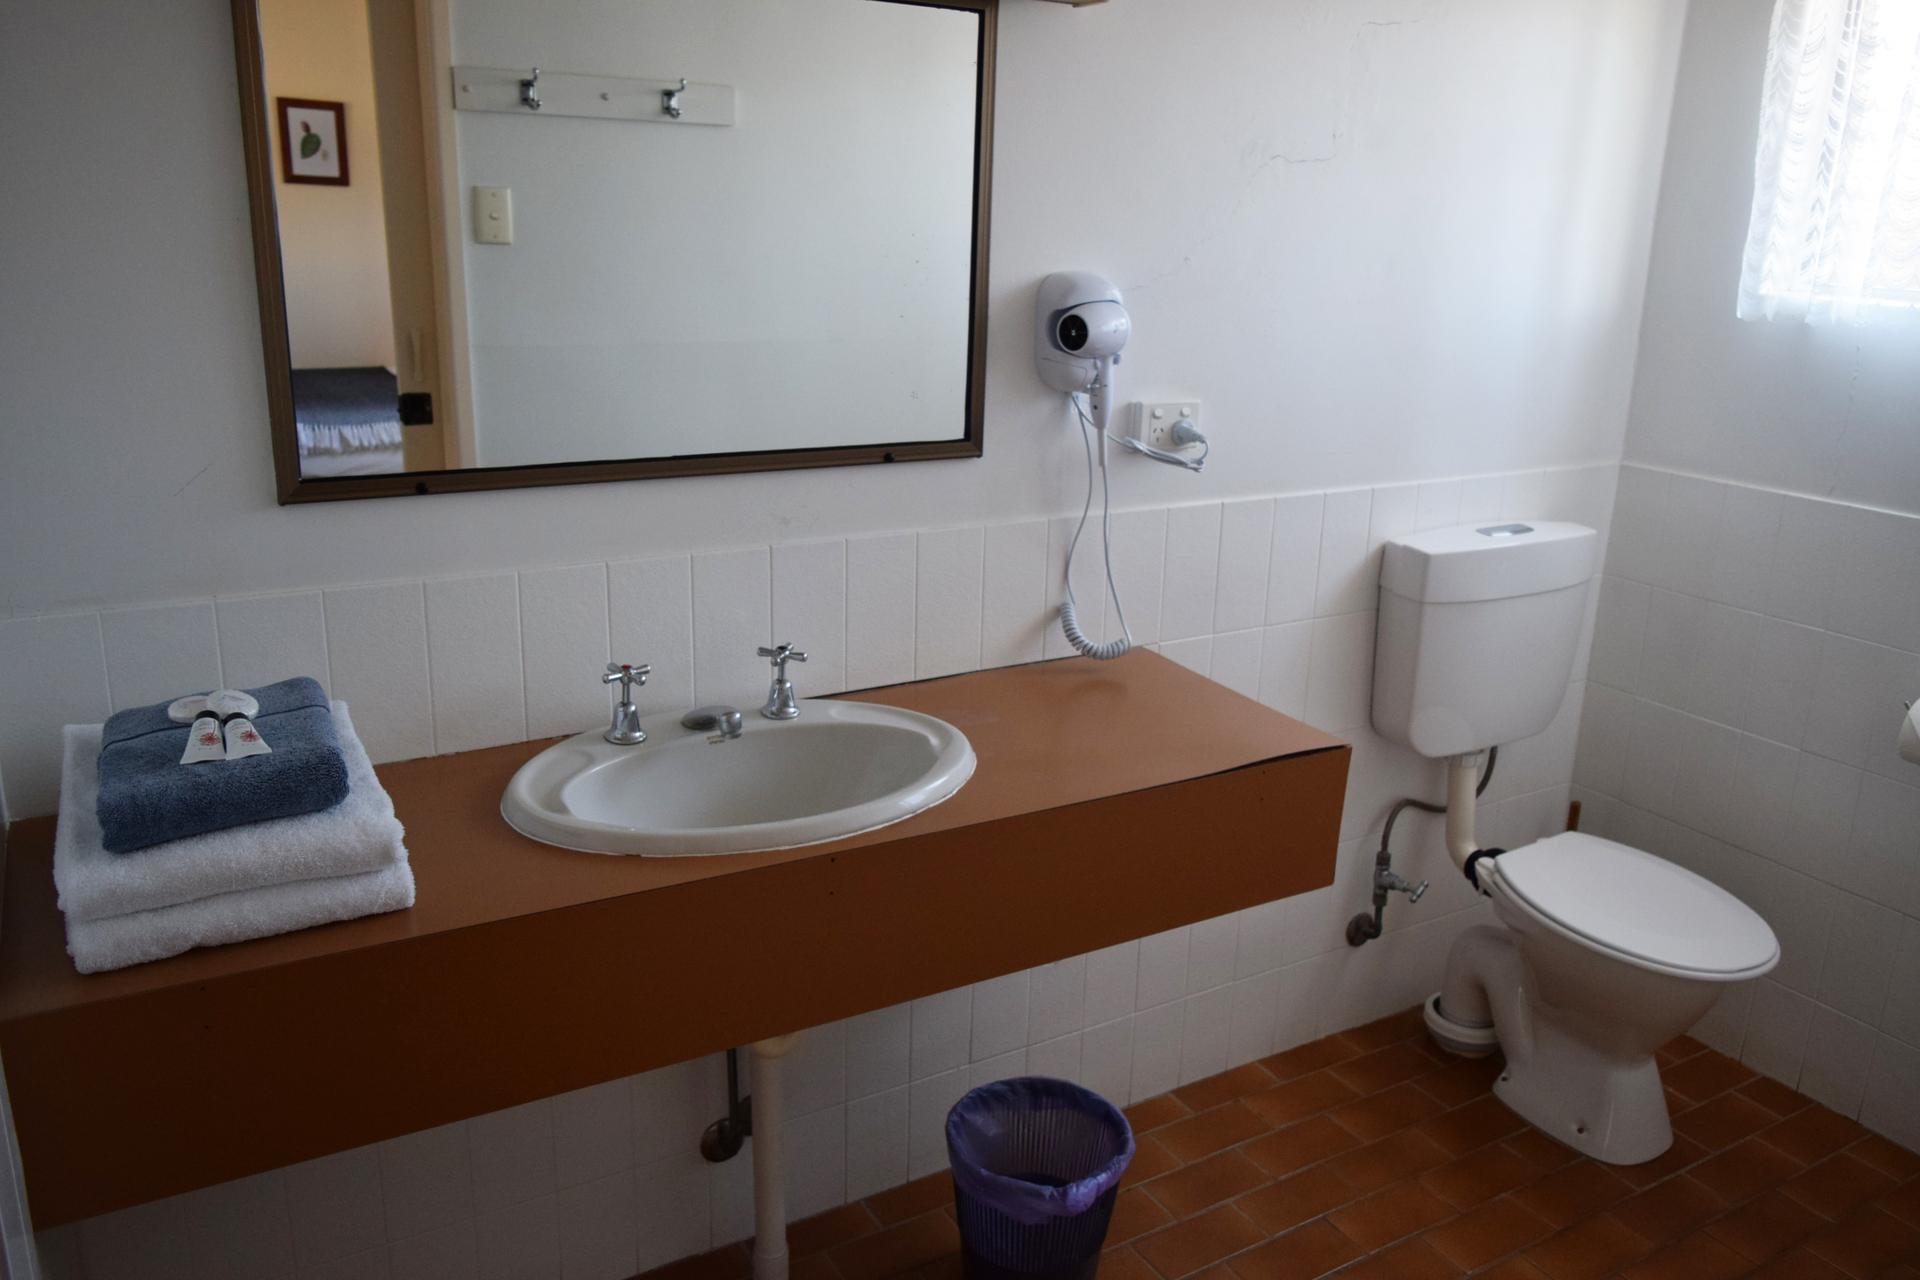 f - Siesta Villa Motel